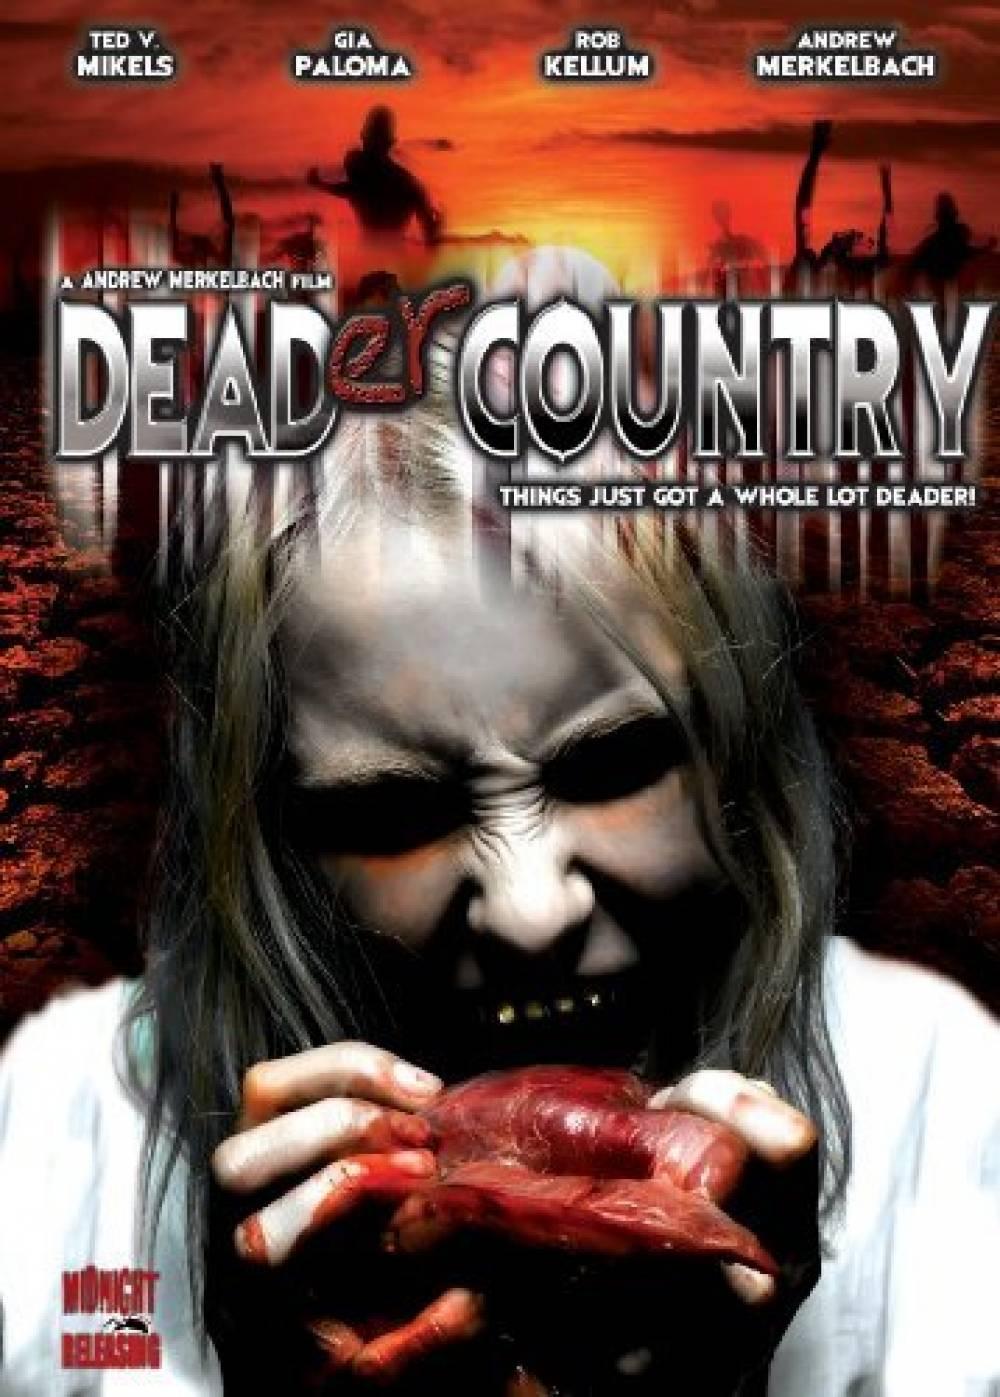 Dead(er) Country